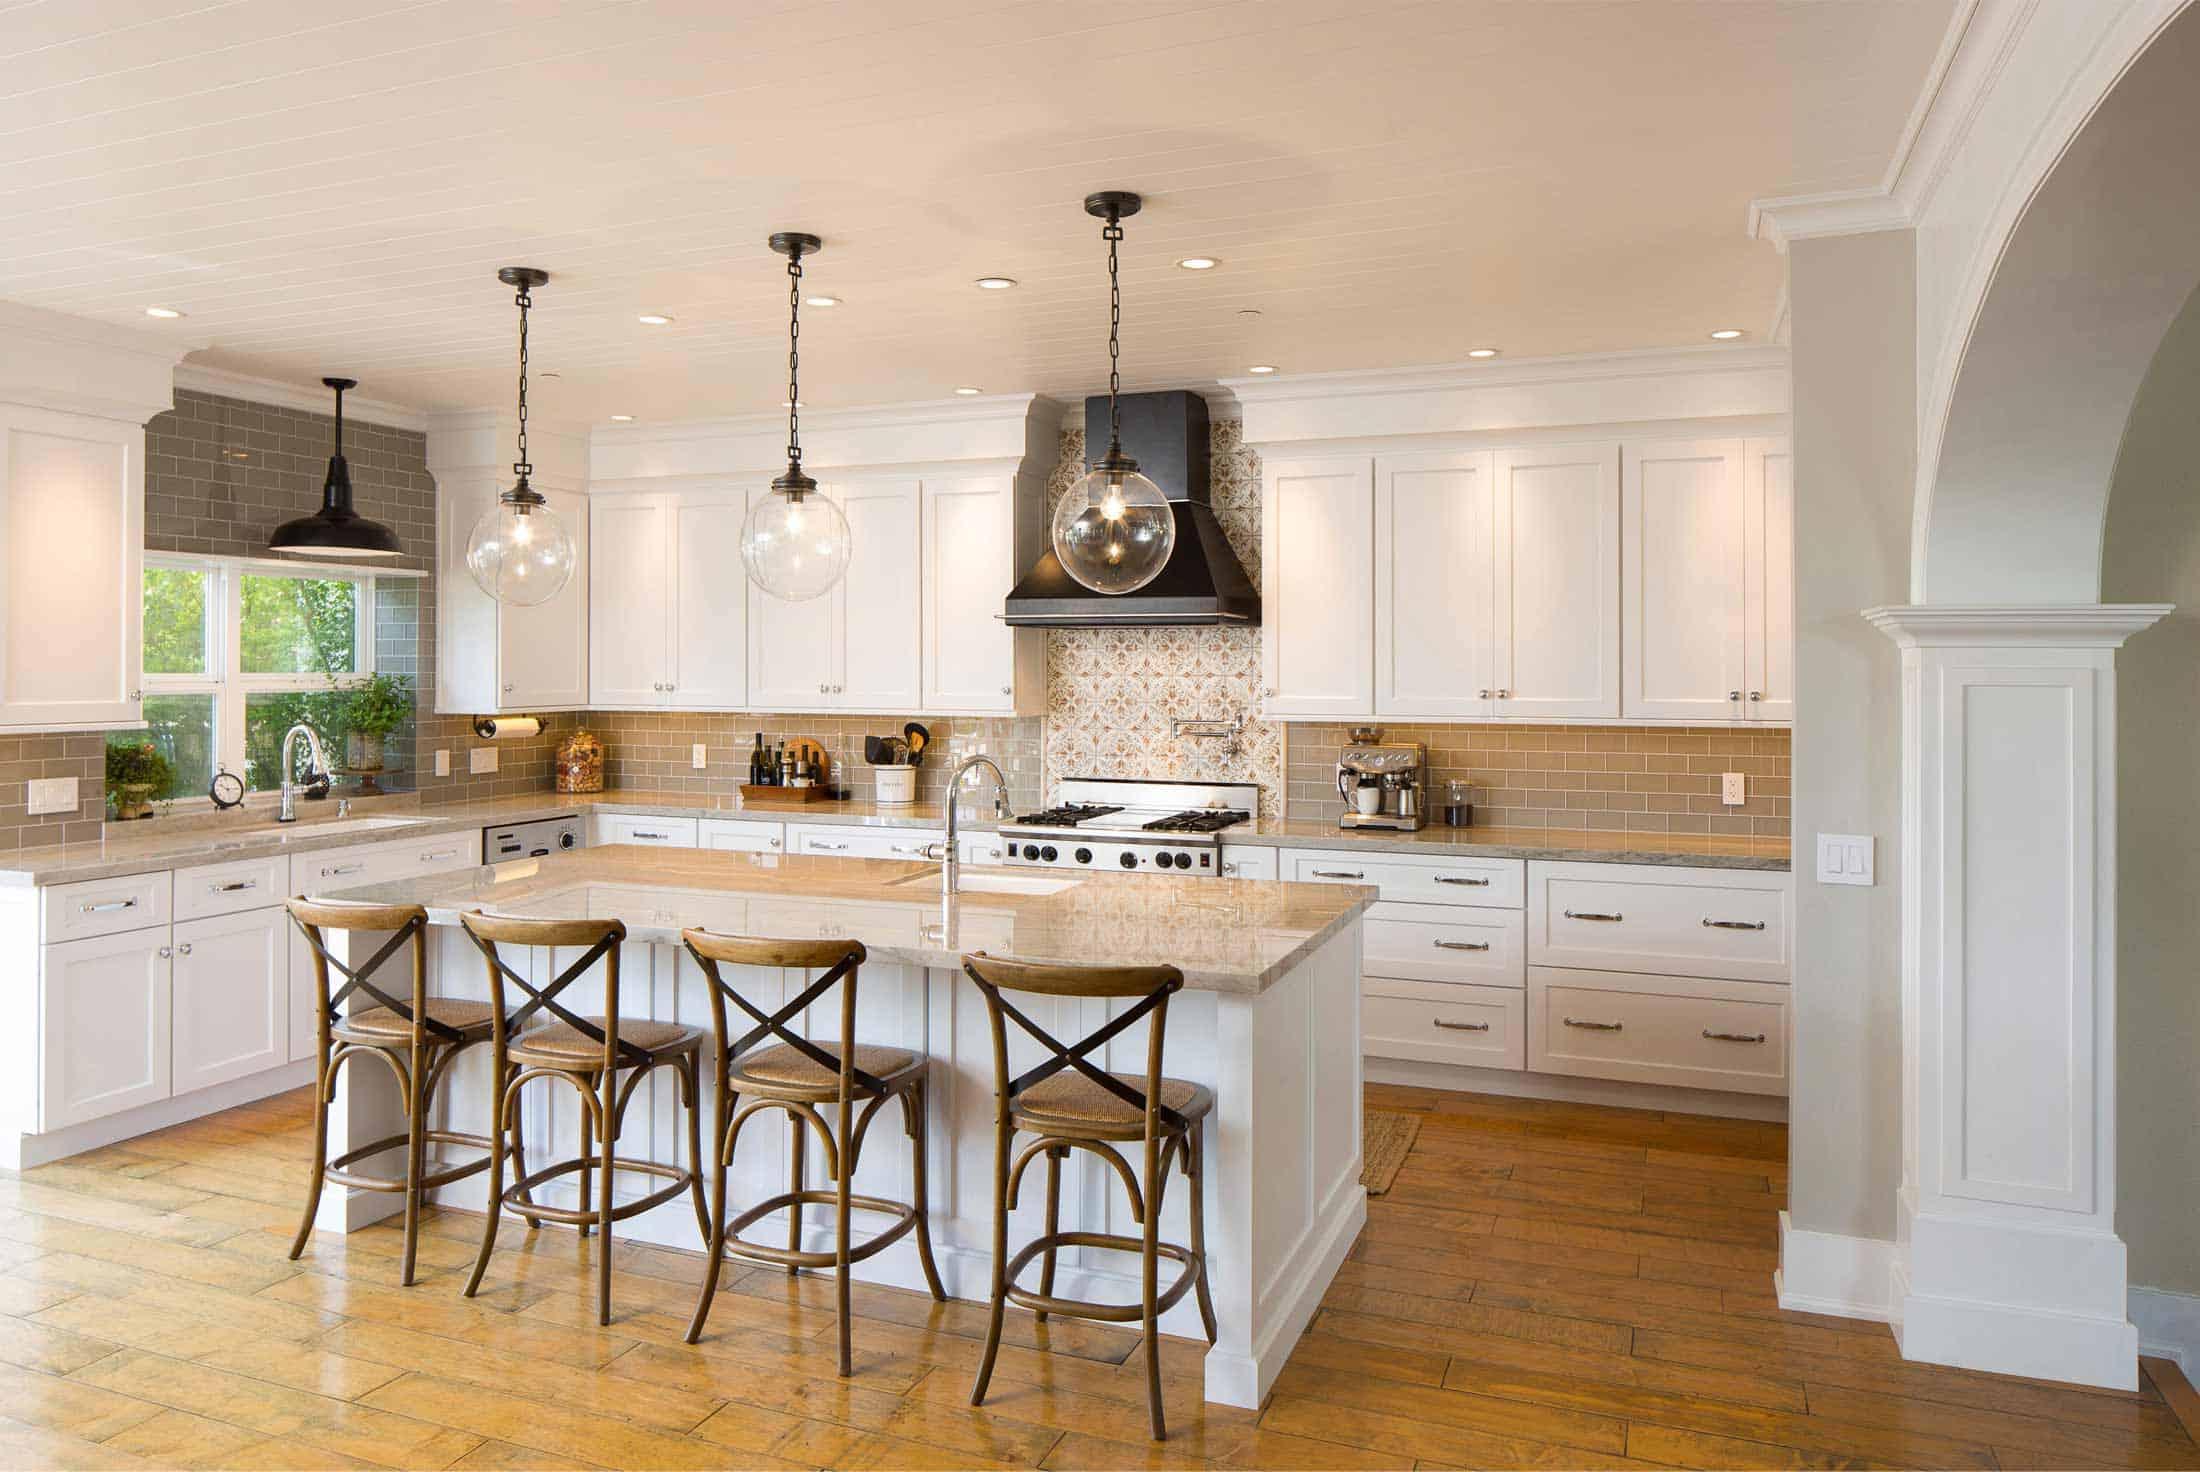 designer-kitchen-in-artic-white